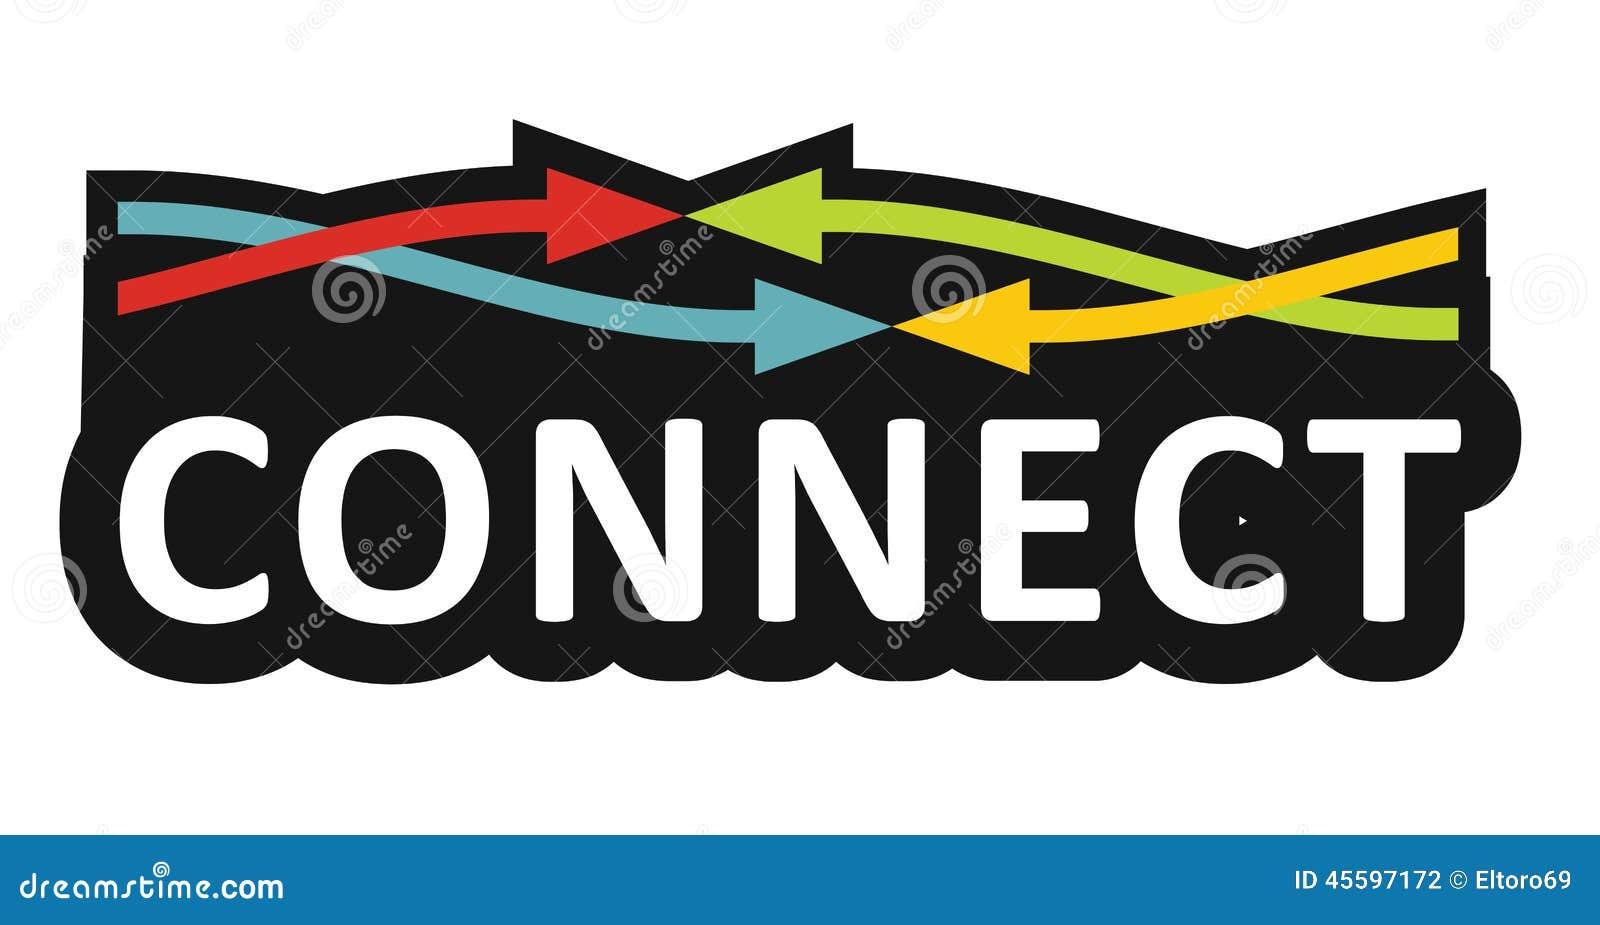 Connetion, Communication concept